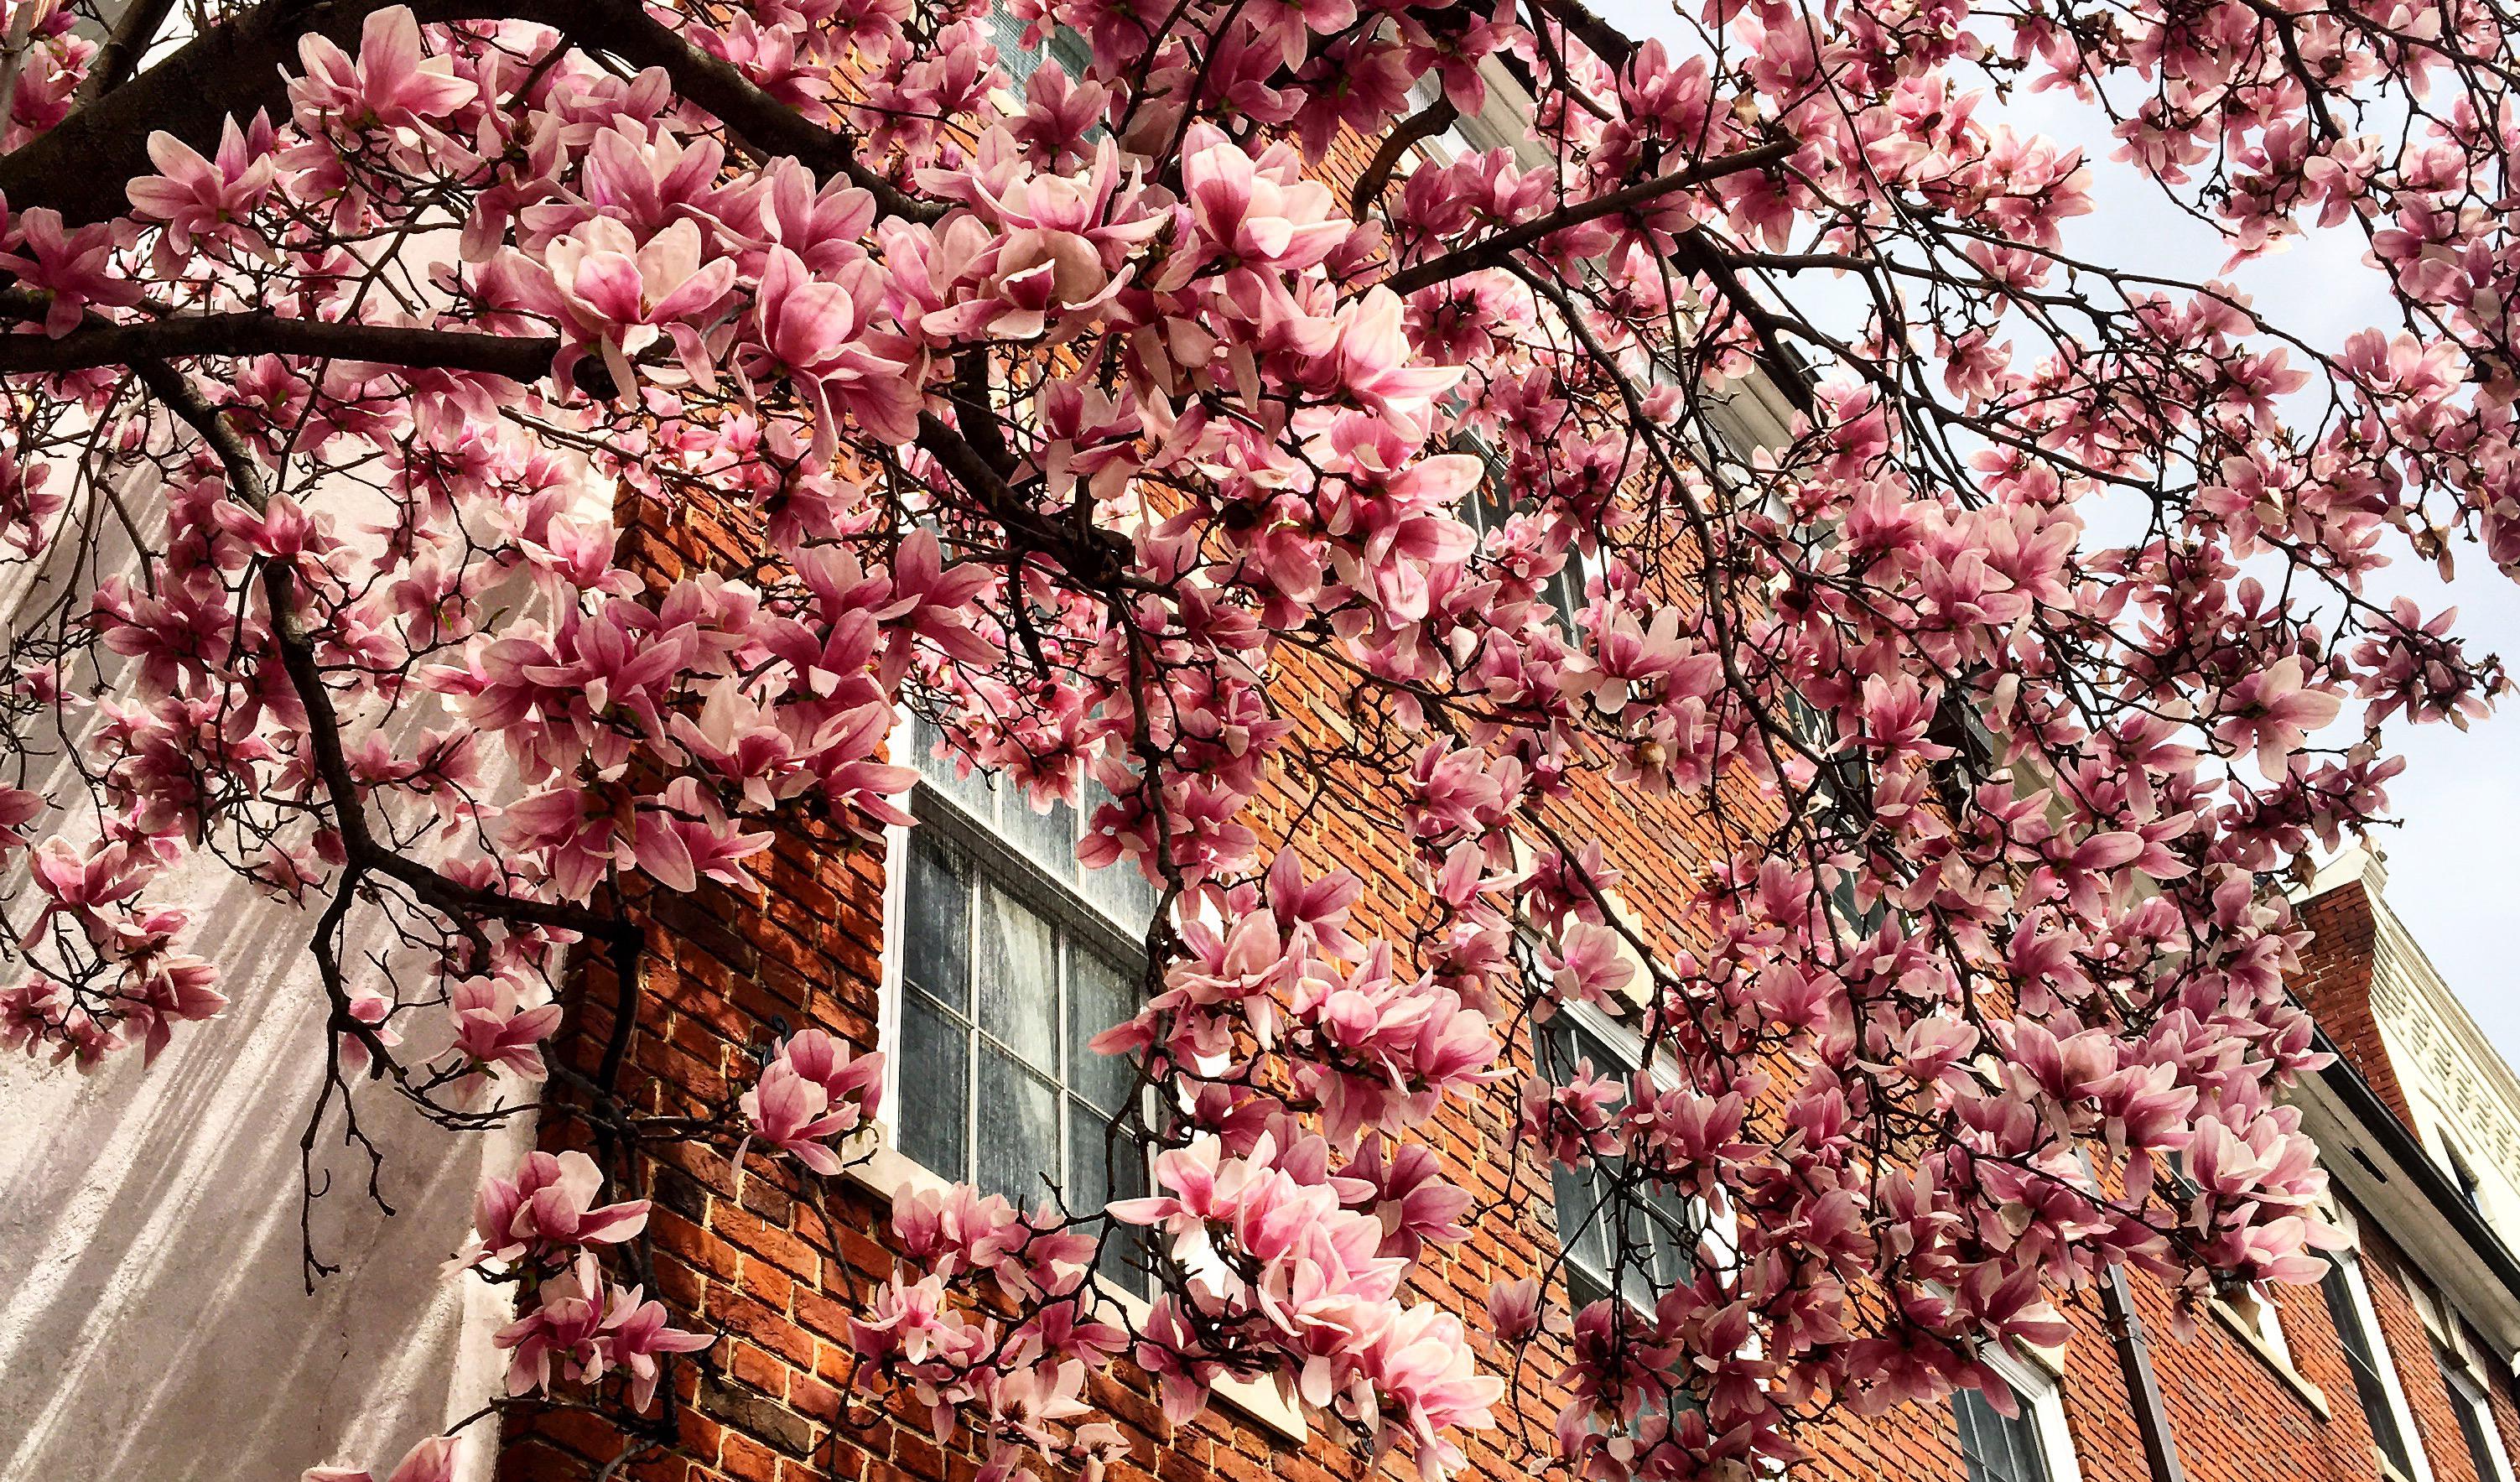 j'en profite pour vous montrer le printemps incroyable à Washington DC